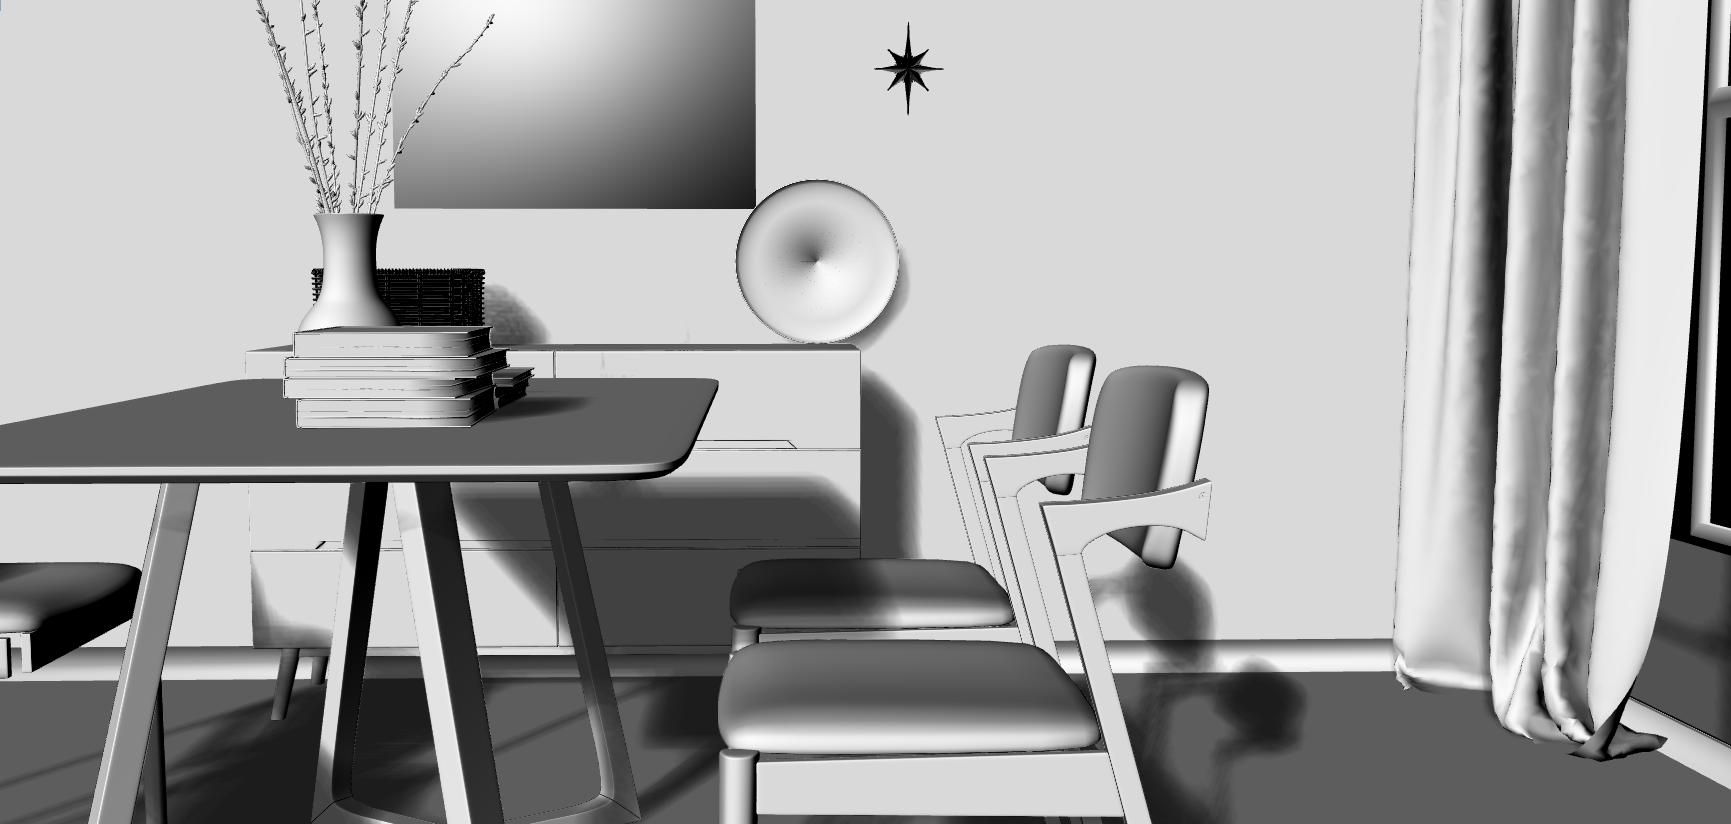 高精度餐桌椅模型(内含所有物件贴图)